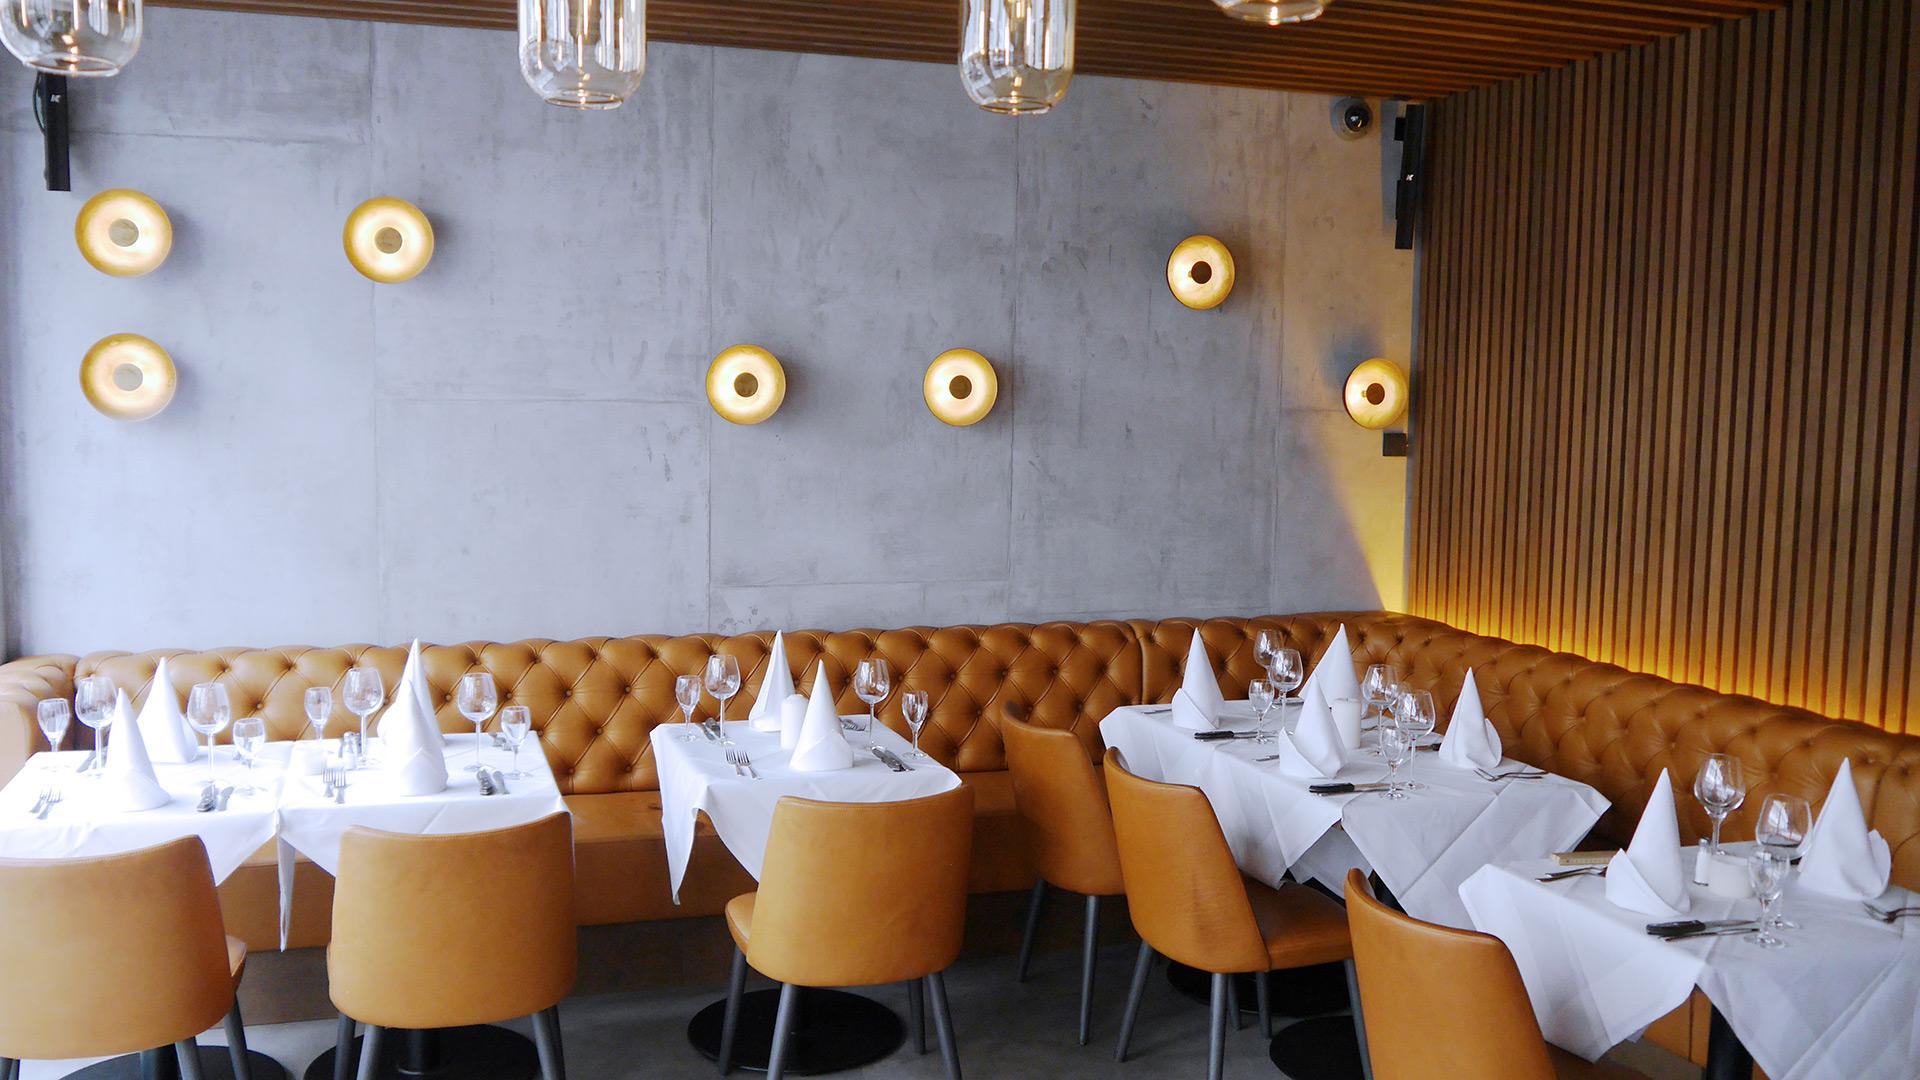 Indirekte Beleuchtung, Retro-Glühlampen und diffuse Designleuchten erzeugen ein weiches, angenehmes Licht, das perfekt mit dem Industrial Design des Brick + Bone harmoniert